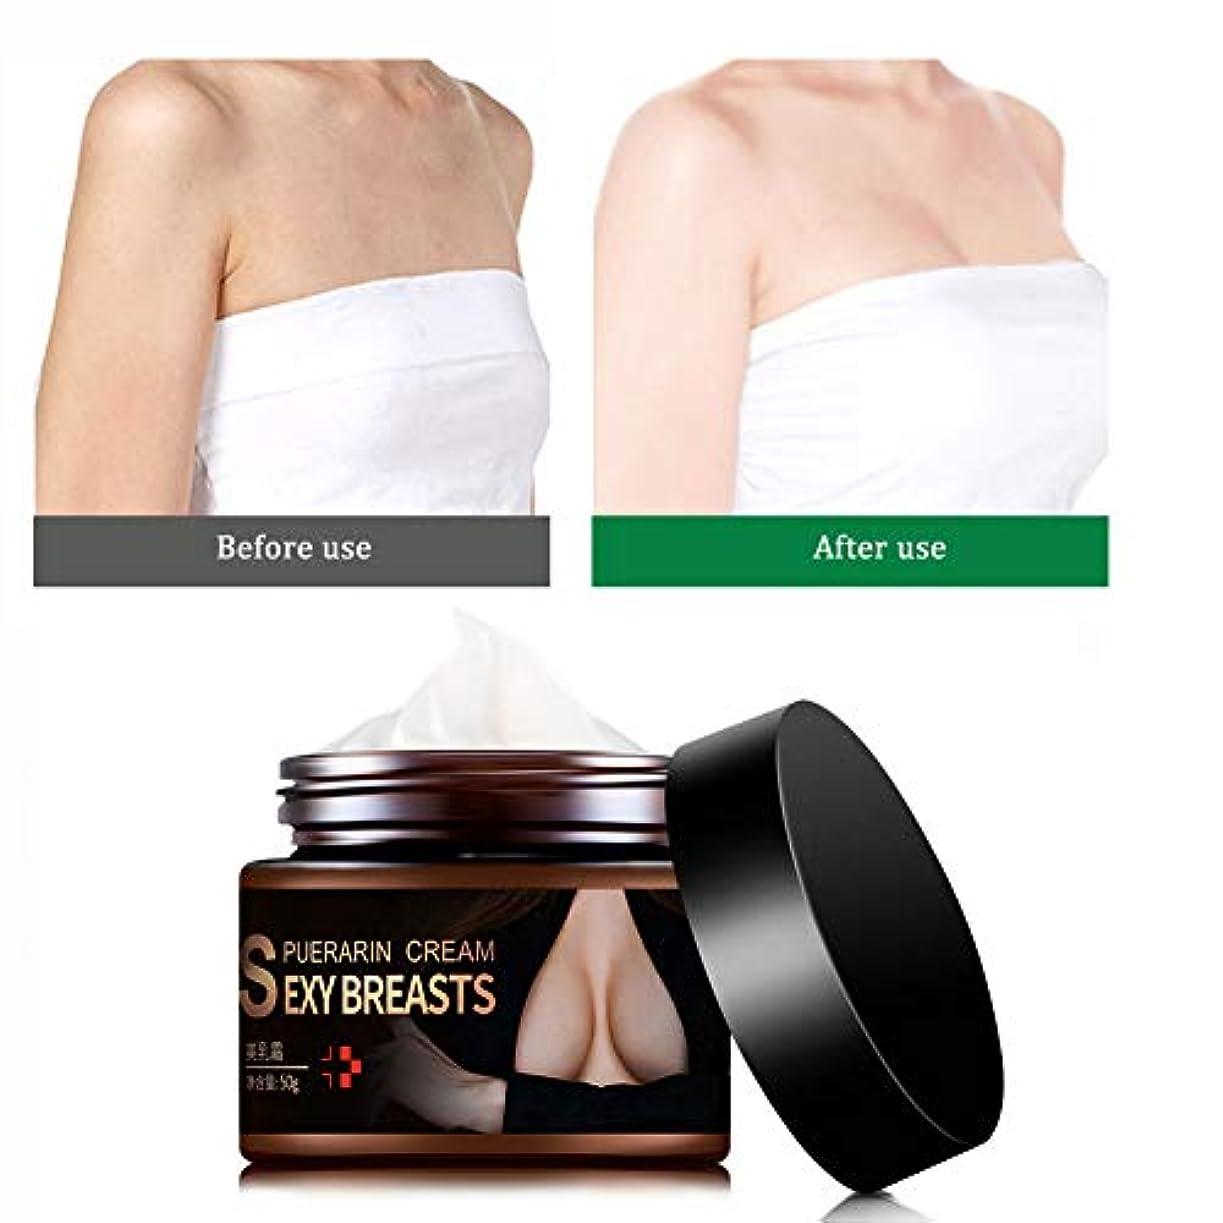 悪化させるフォーマル削るBalai バストブレストナチュラルマッサージクリーム 持ち上げる乳房増強クリームの引き締め